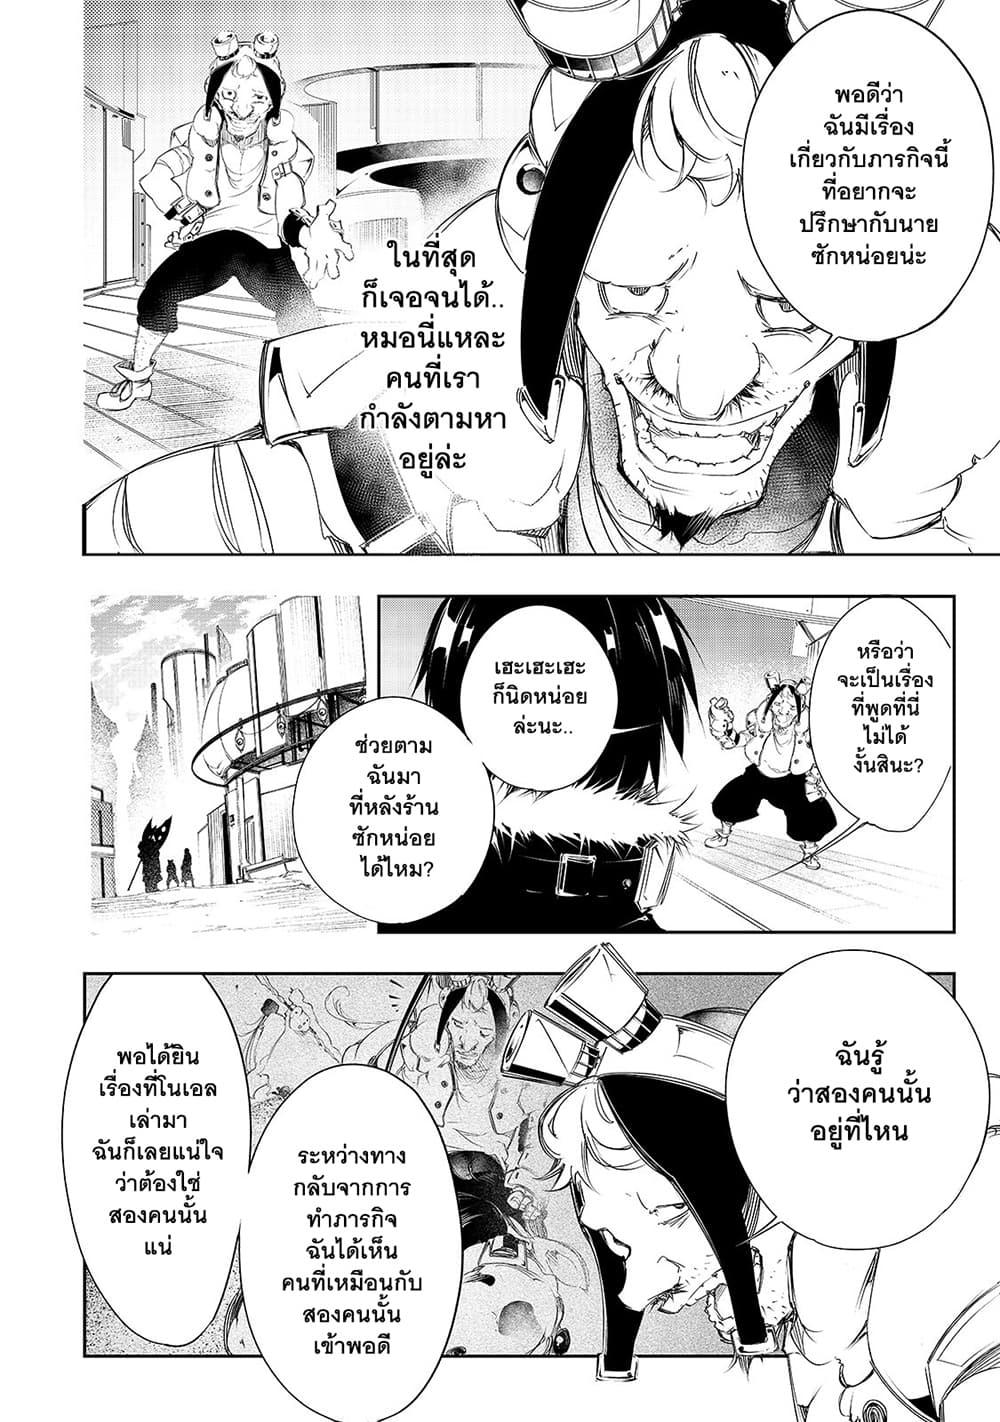 อ่านการ์ตูน Saikyou no Shien-shoku Wajutsushi Dearu Ore wa Sekai Saikyou Kuran o Shitagaeru ตอนที่ 5 หน้าที่ 15